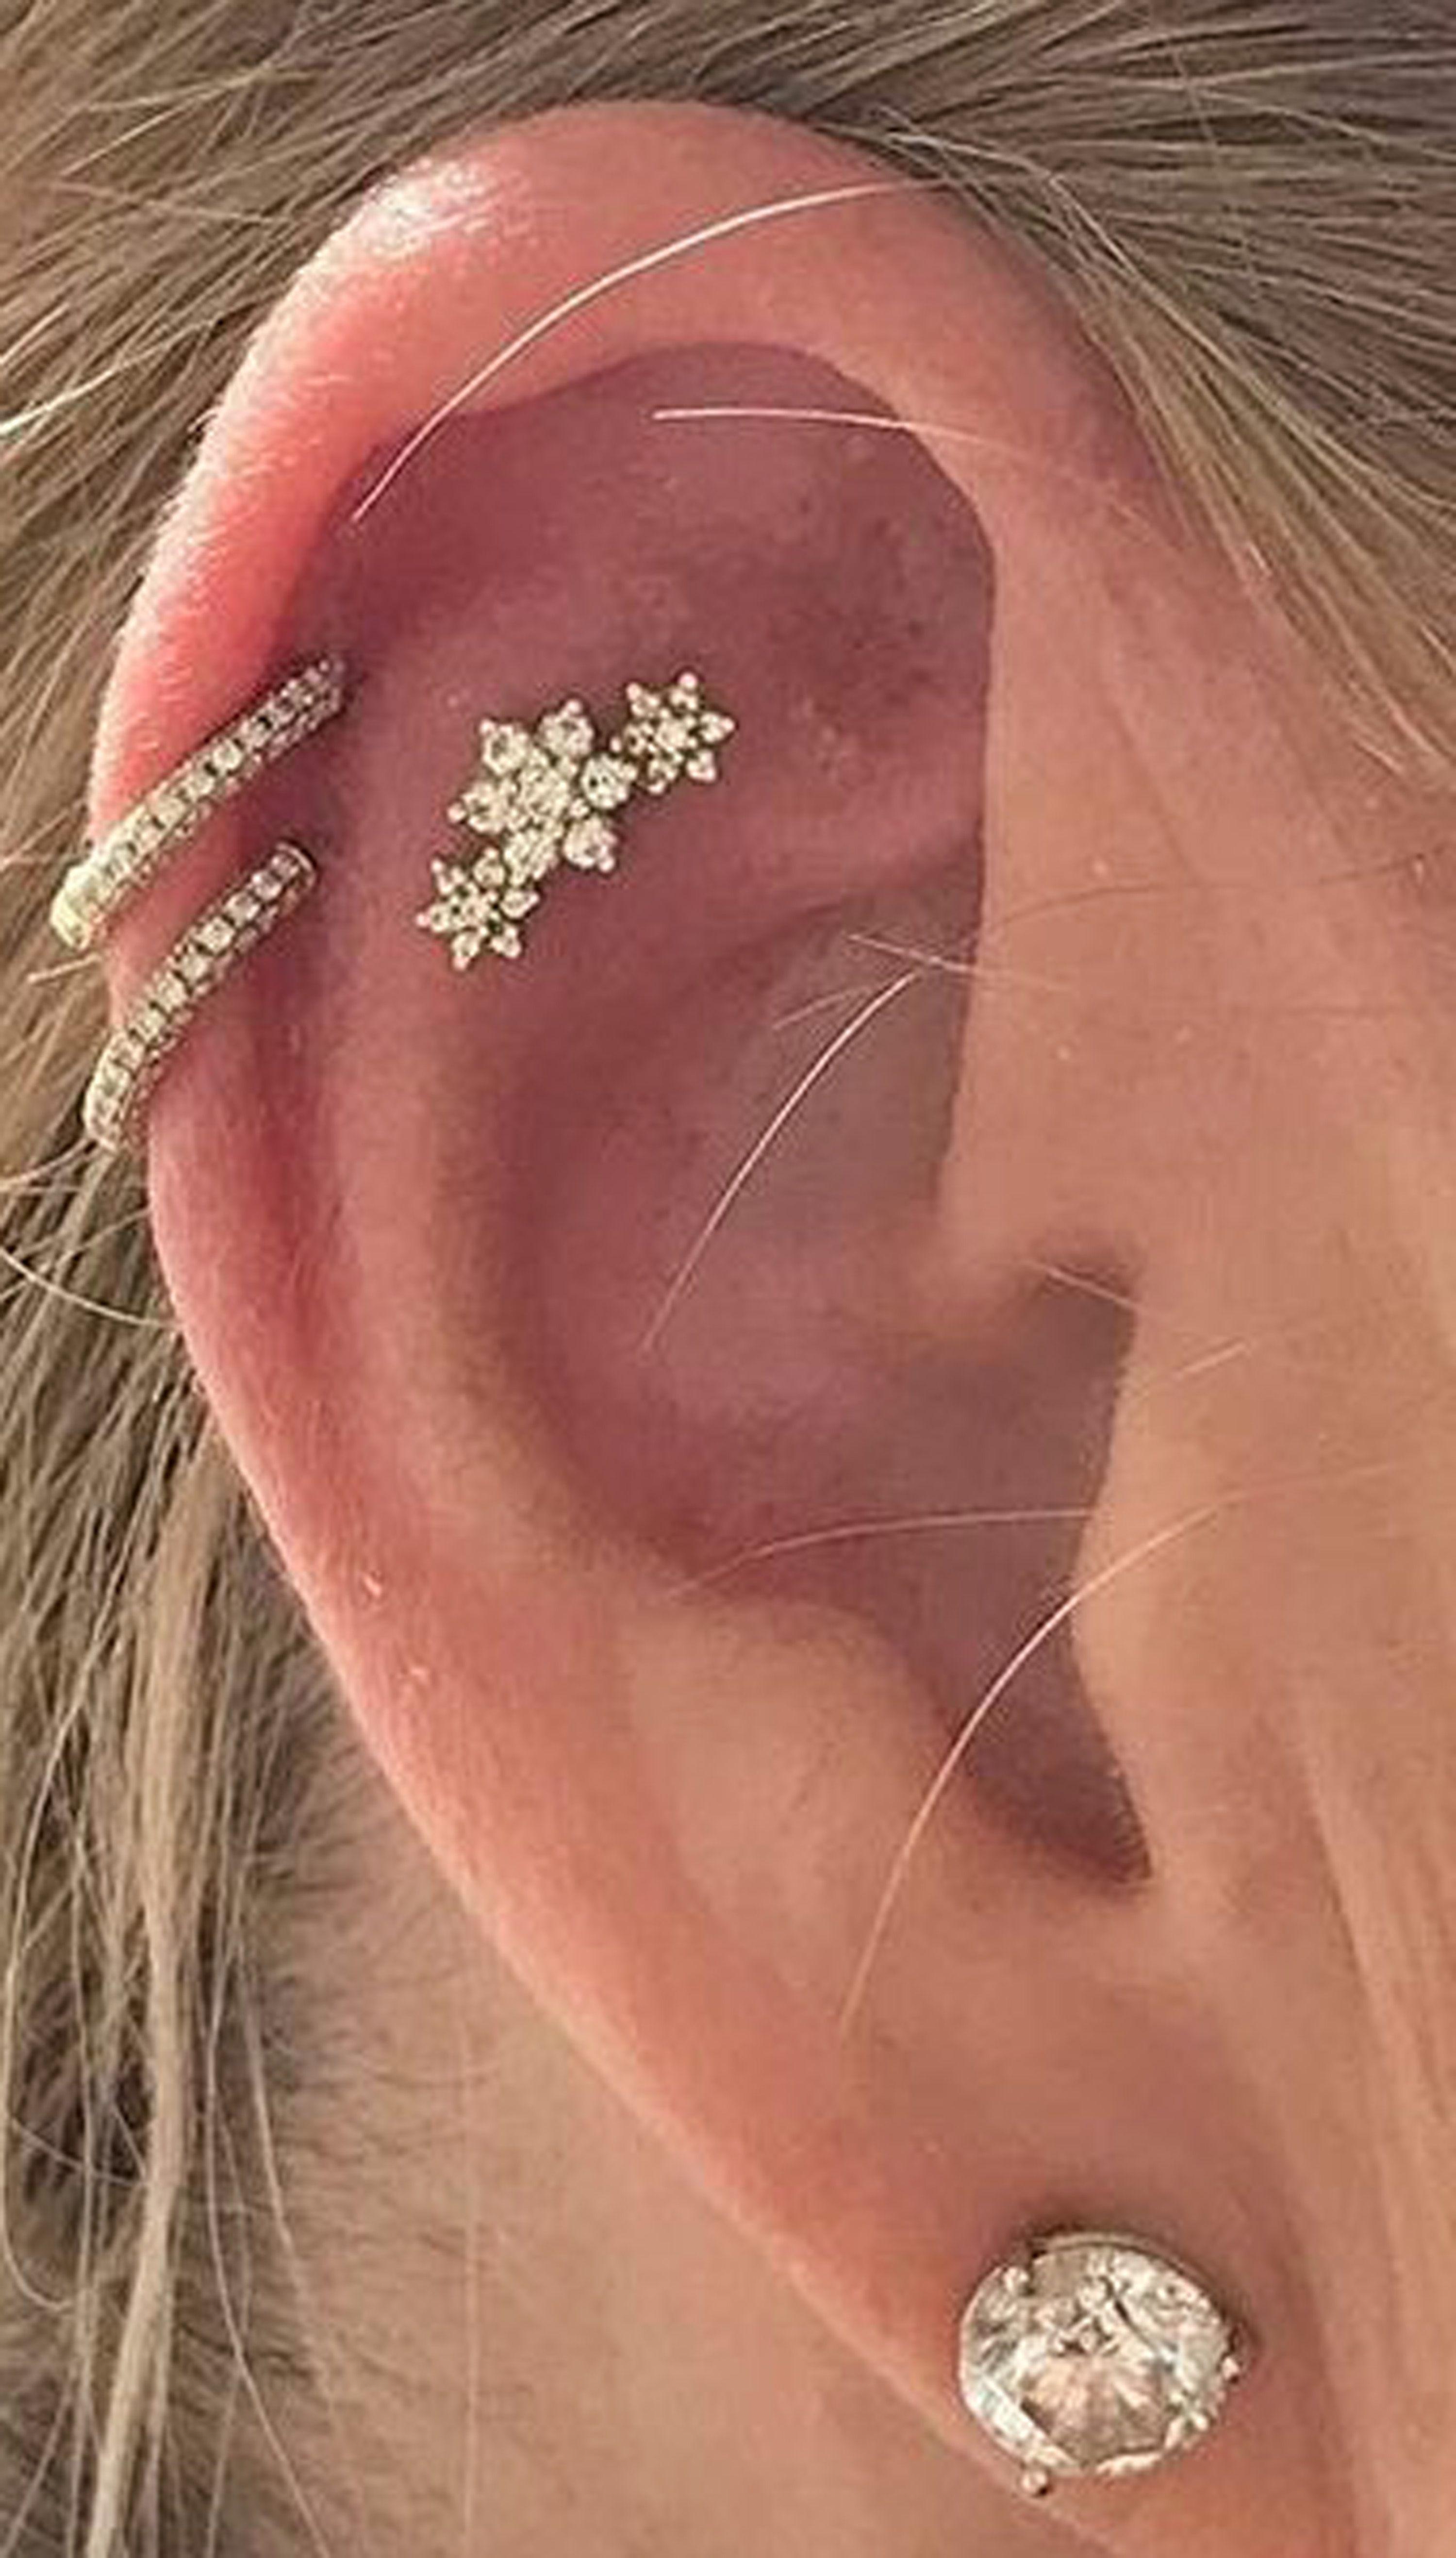 Body art #piercing flat ear piercing, ear piercings tragus, ear piercings indus...